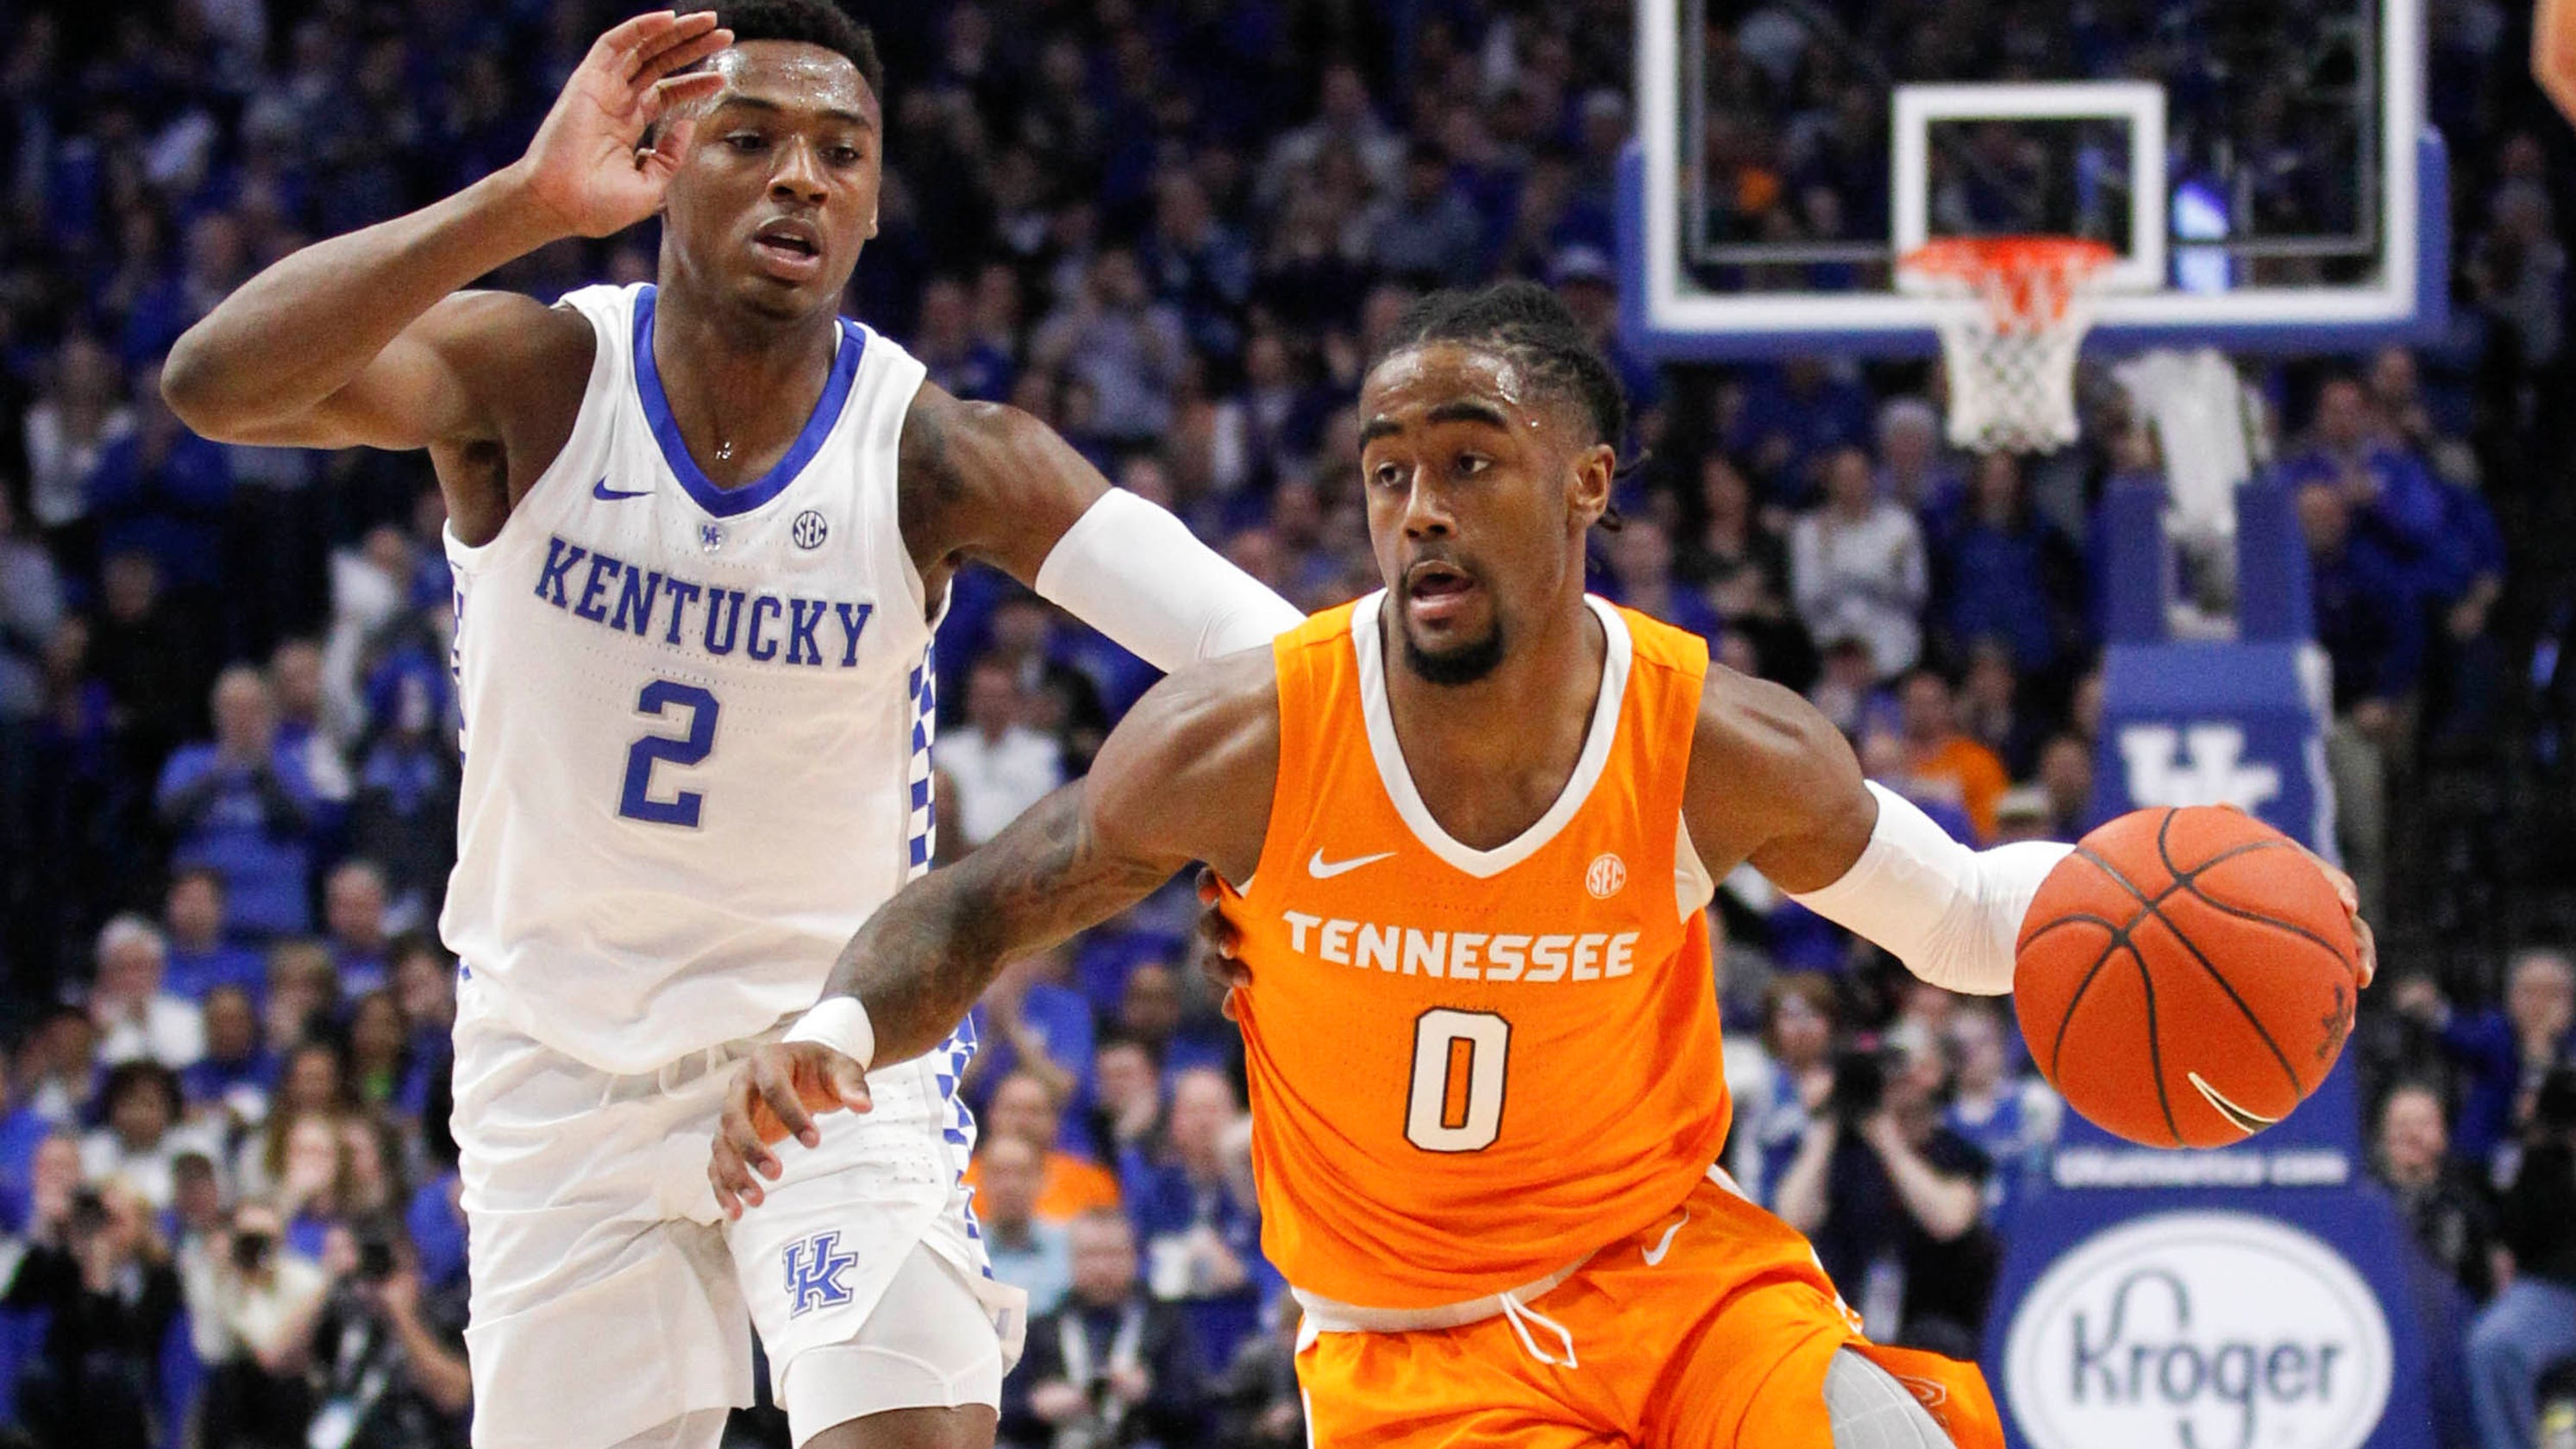 d032225b8c9 Kentucky-Tennessee showdown tops college basketball weekend schedule